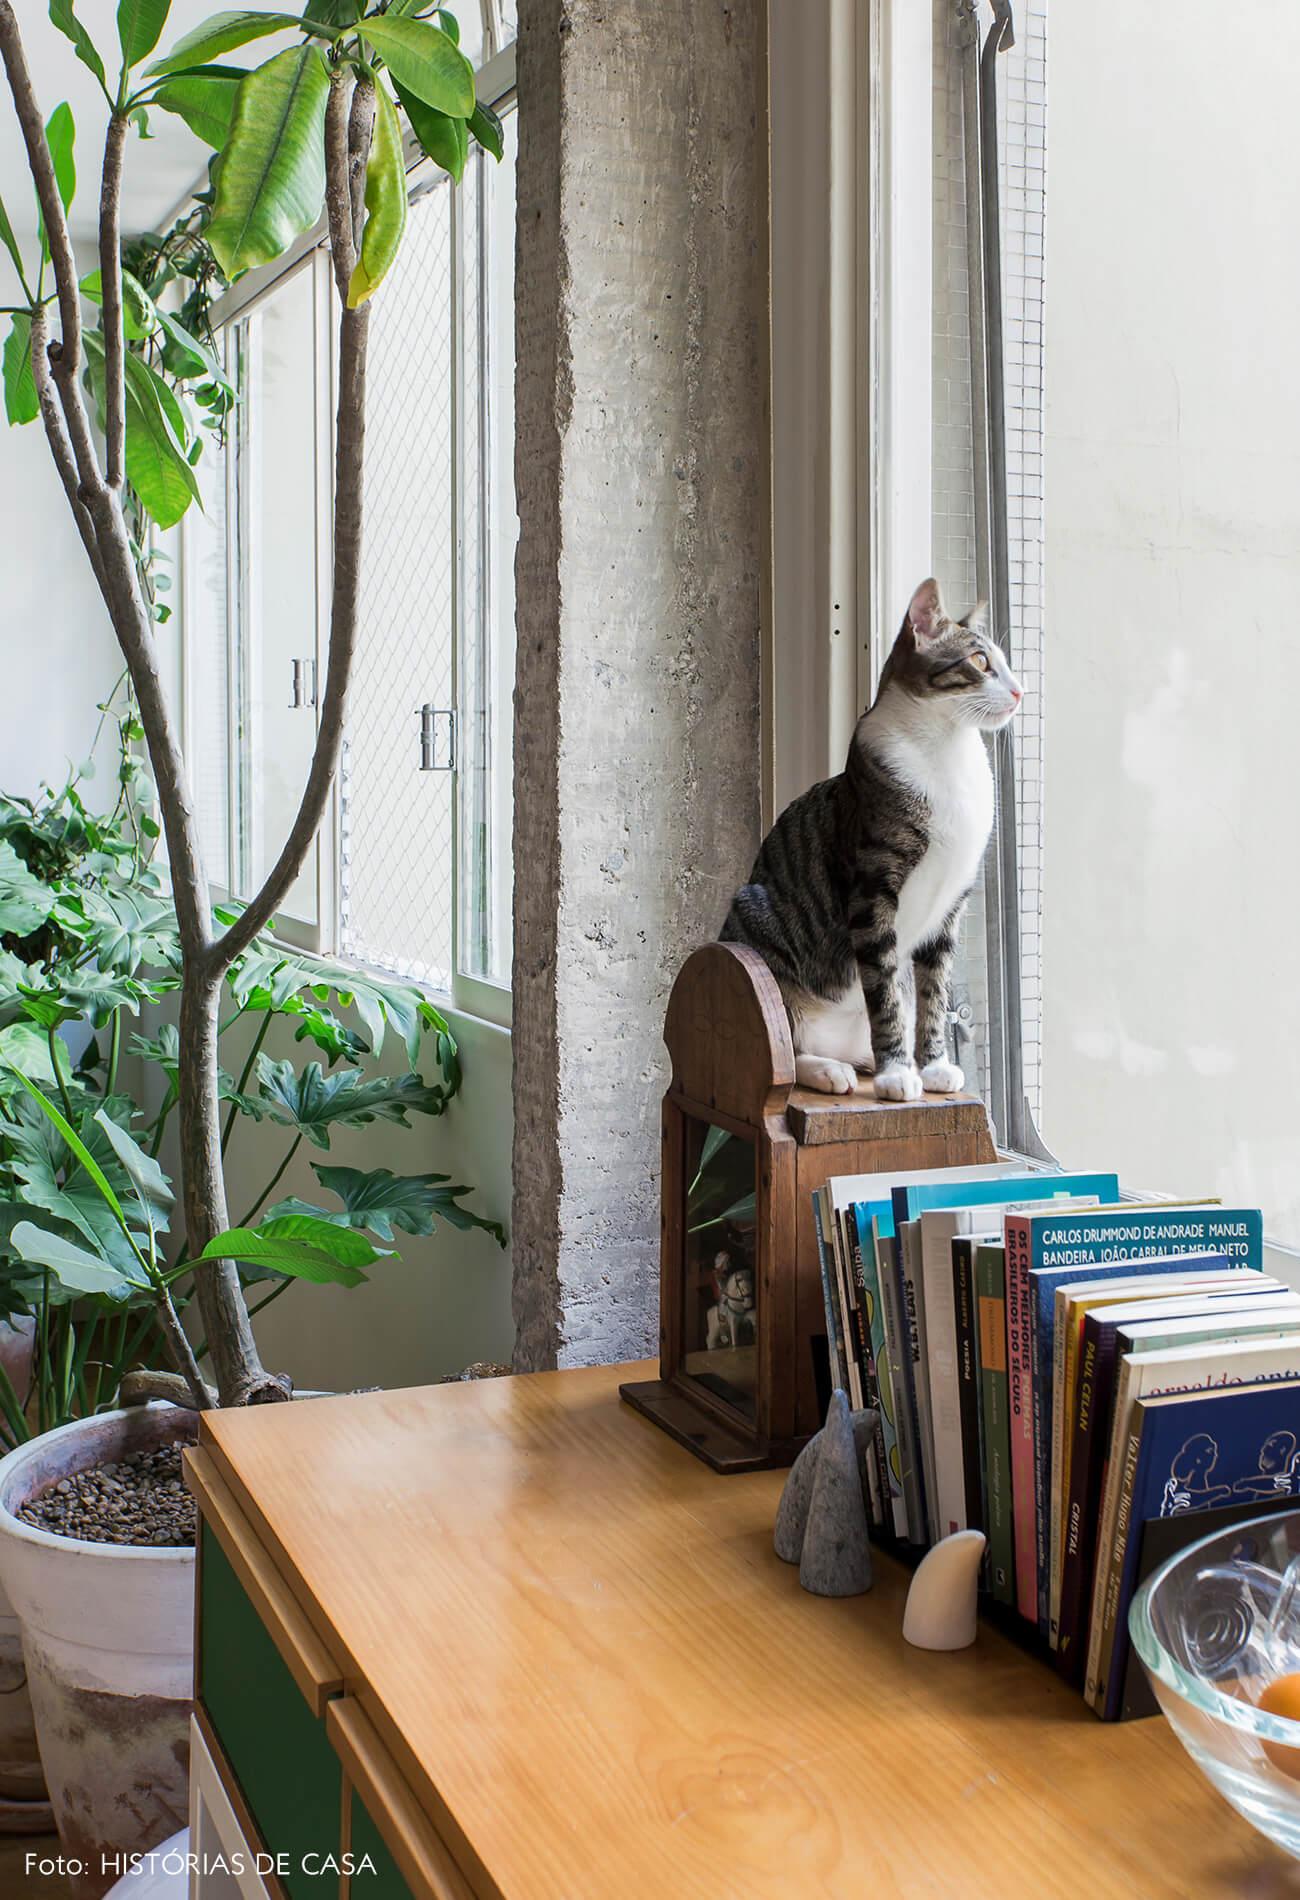 Casa com plantas e gatos